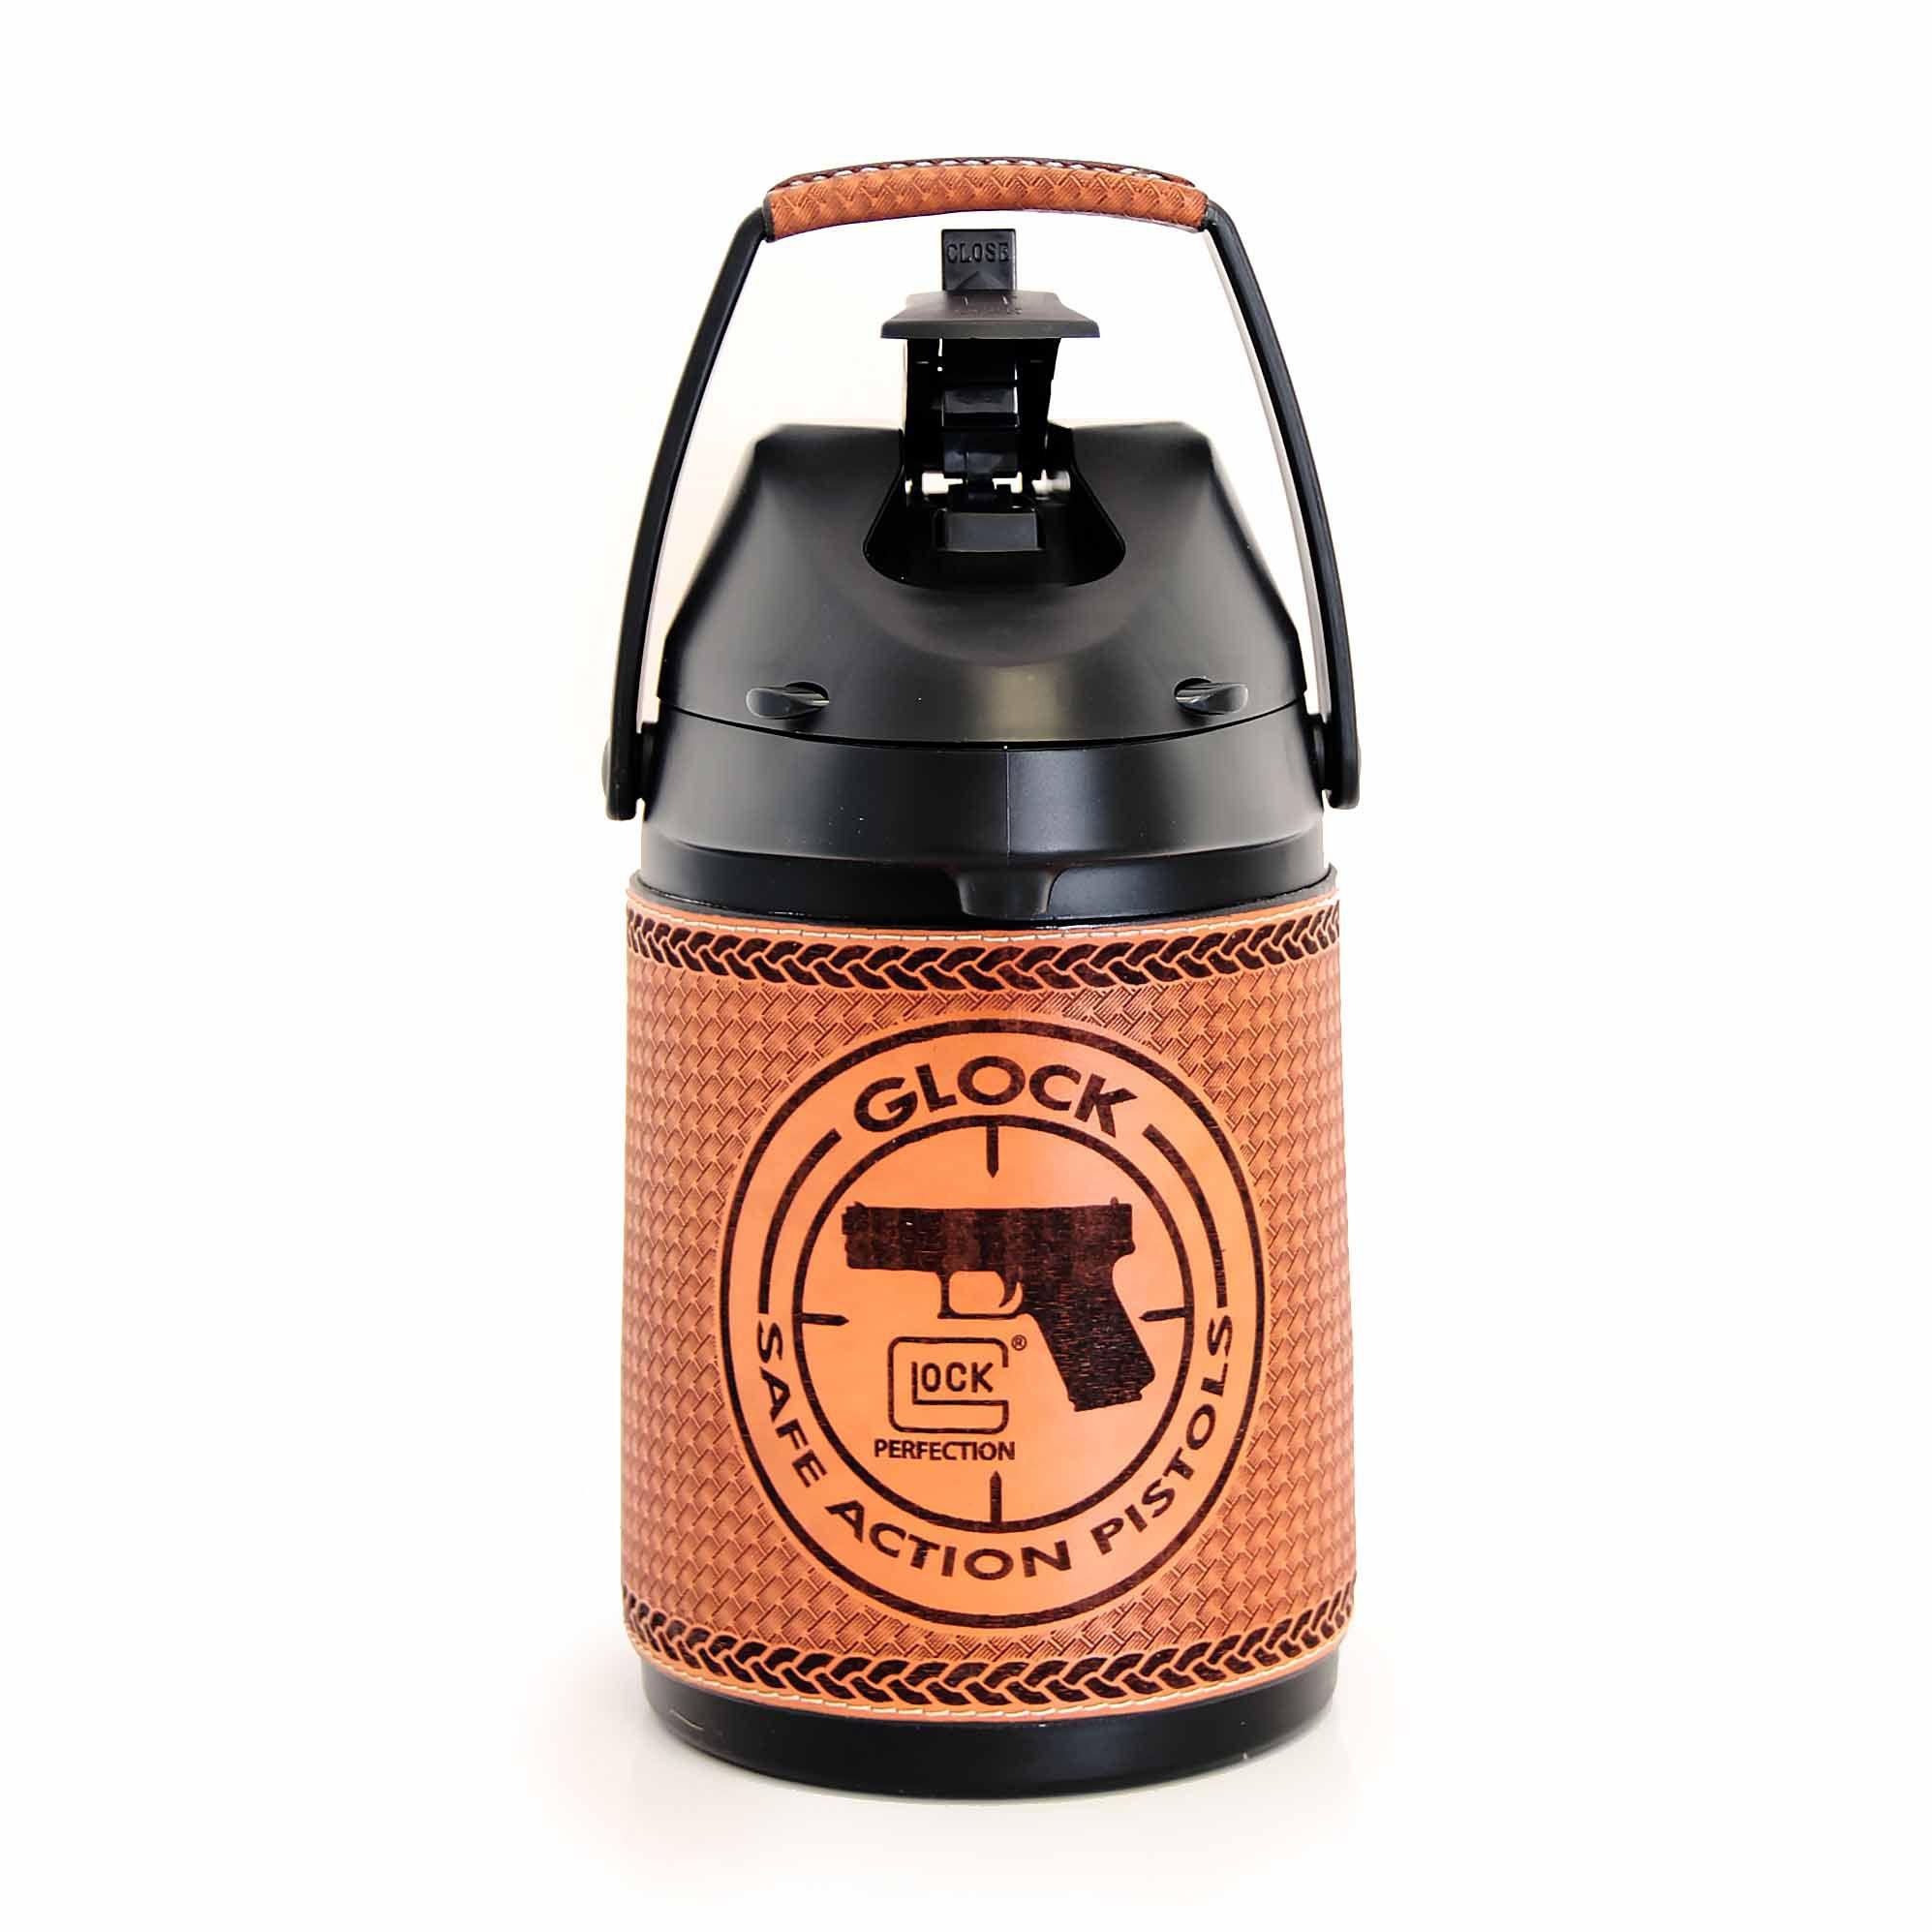 Garrafa Inox em couro 2,5 lts - Glock